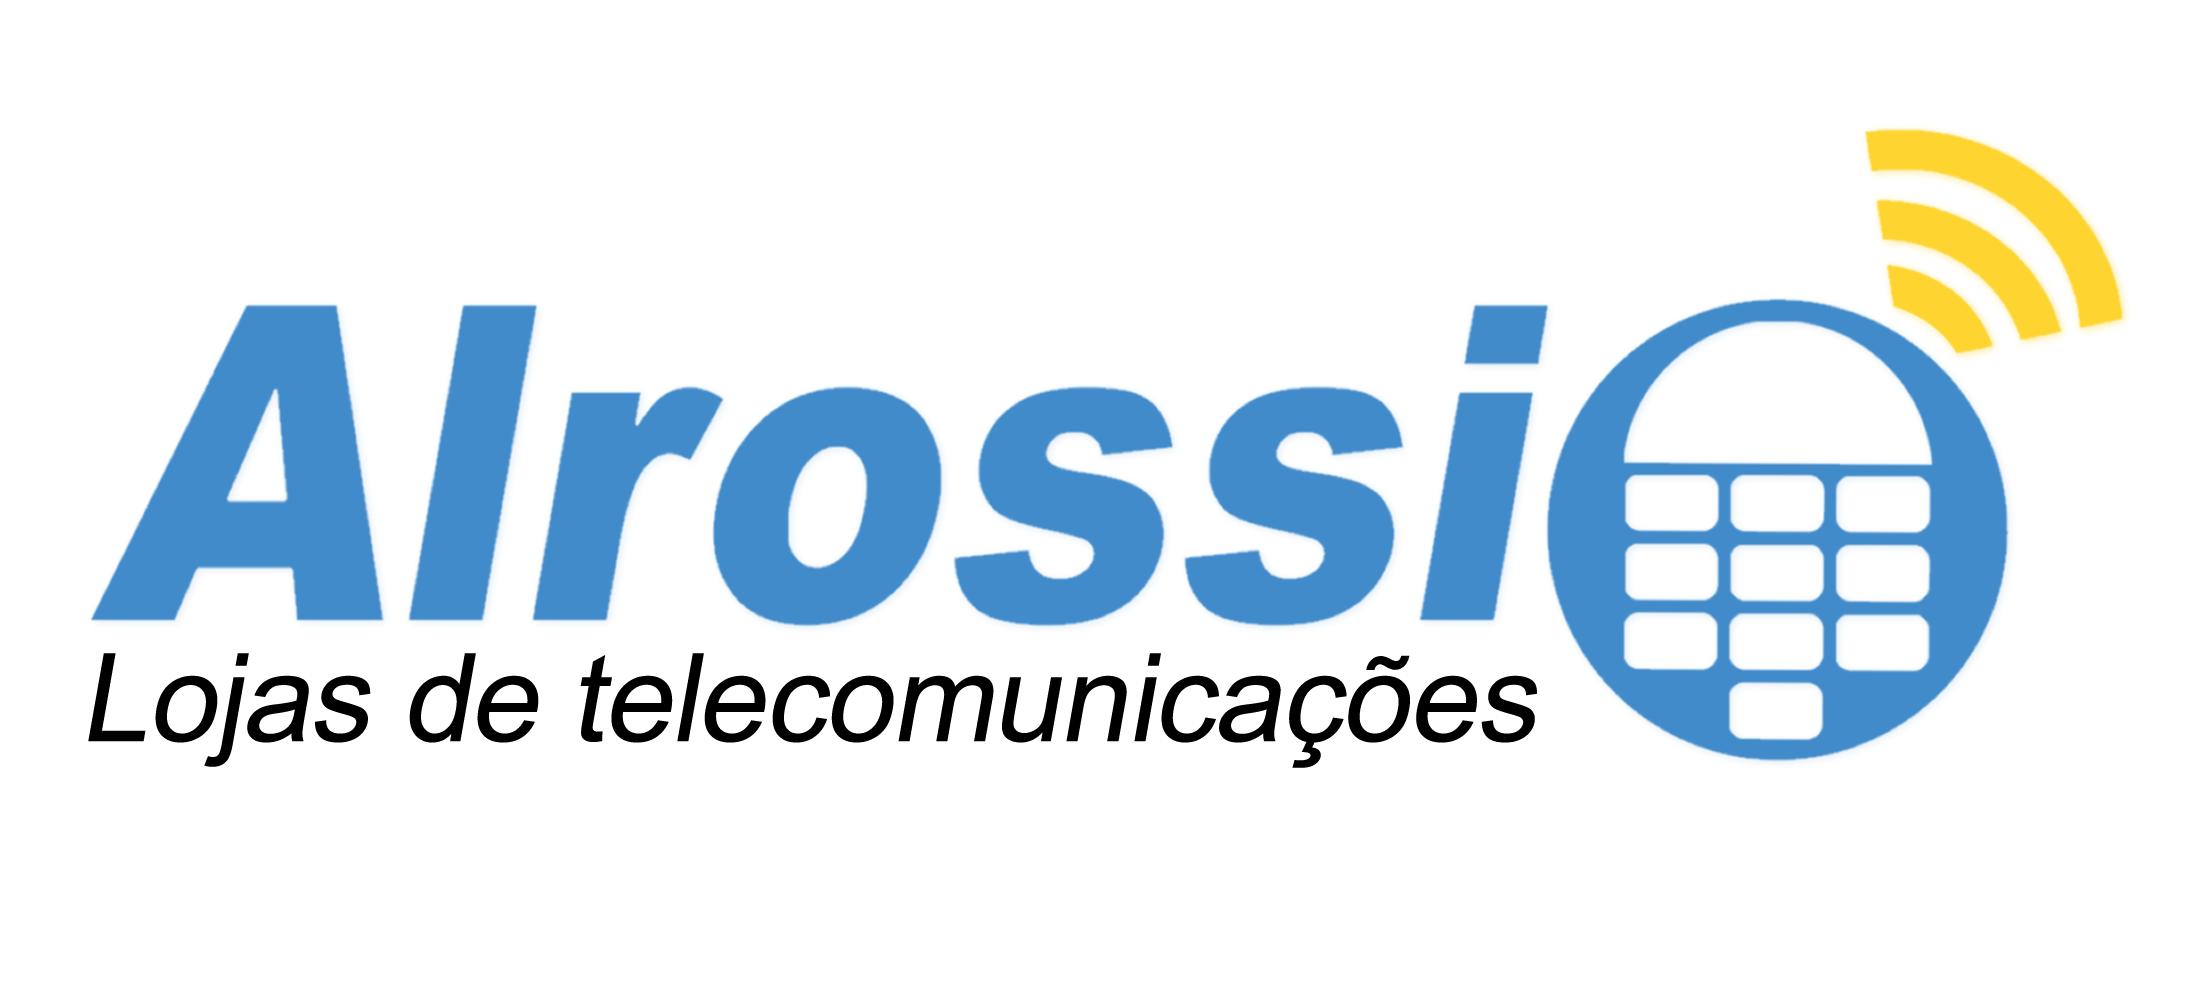 Alrossio Telecomunicações